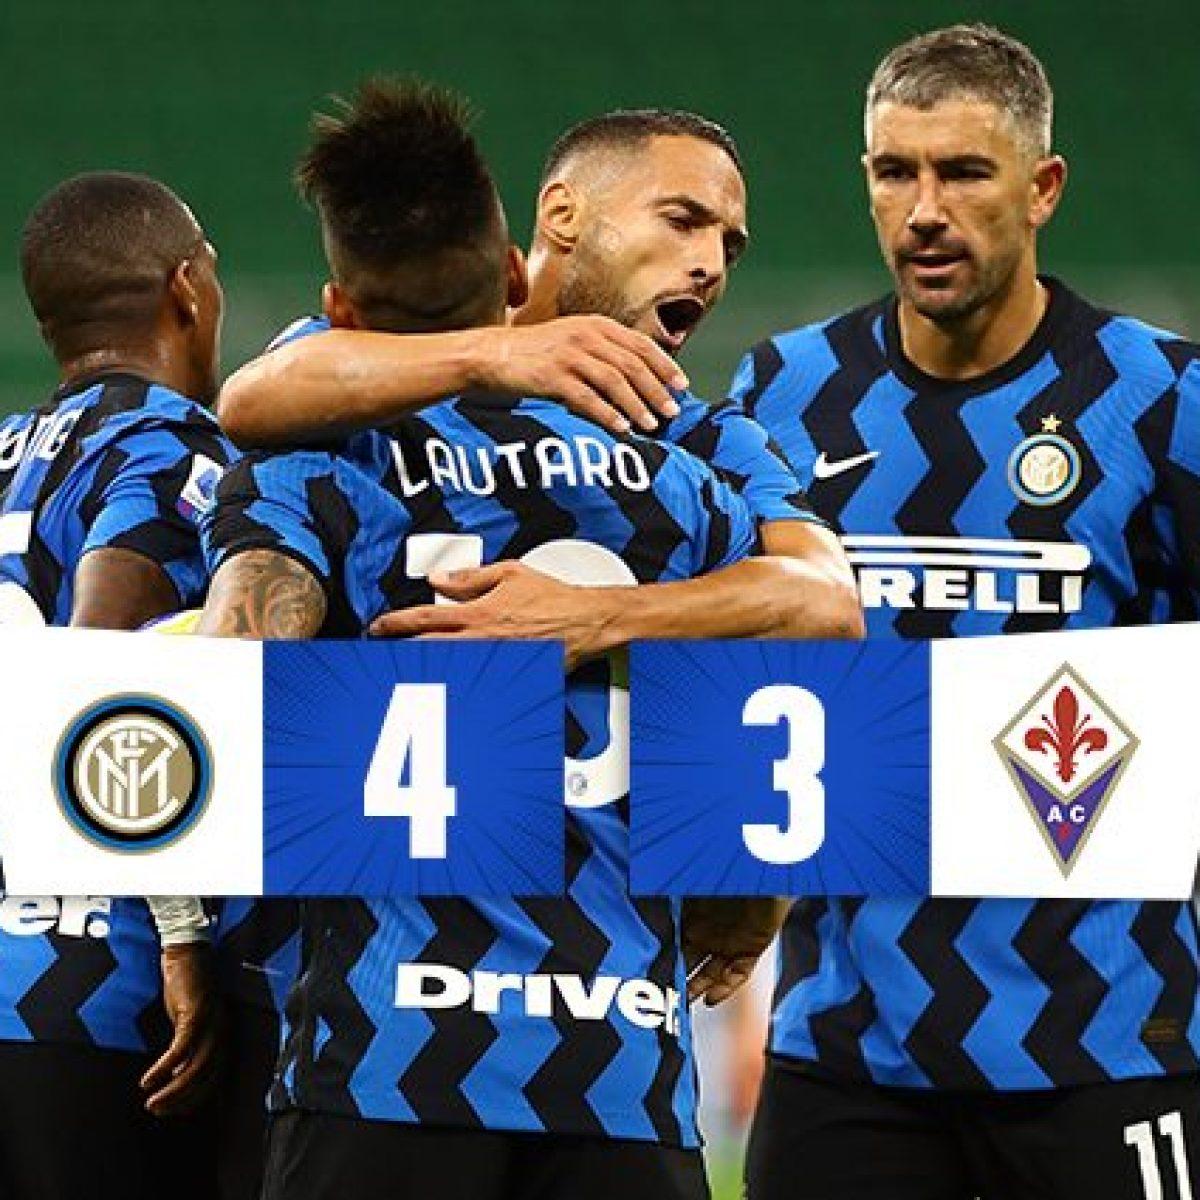 Pazza Inter, 4-3 alla Fiorentina: Ribery dà spettacolo, ma Conte sorride  con Lukaku e D'Ambrosio